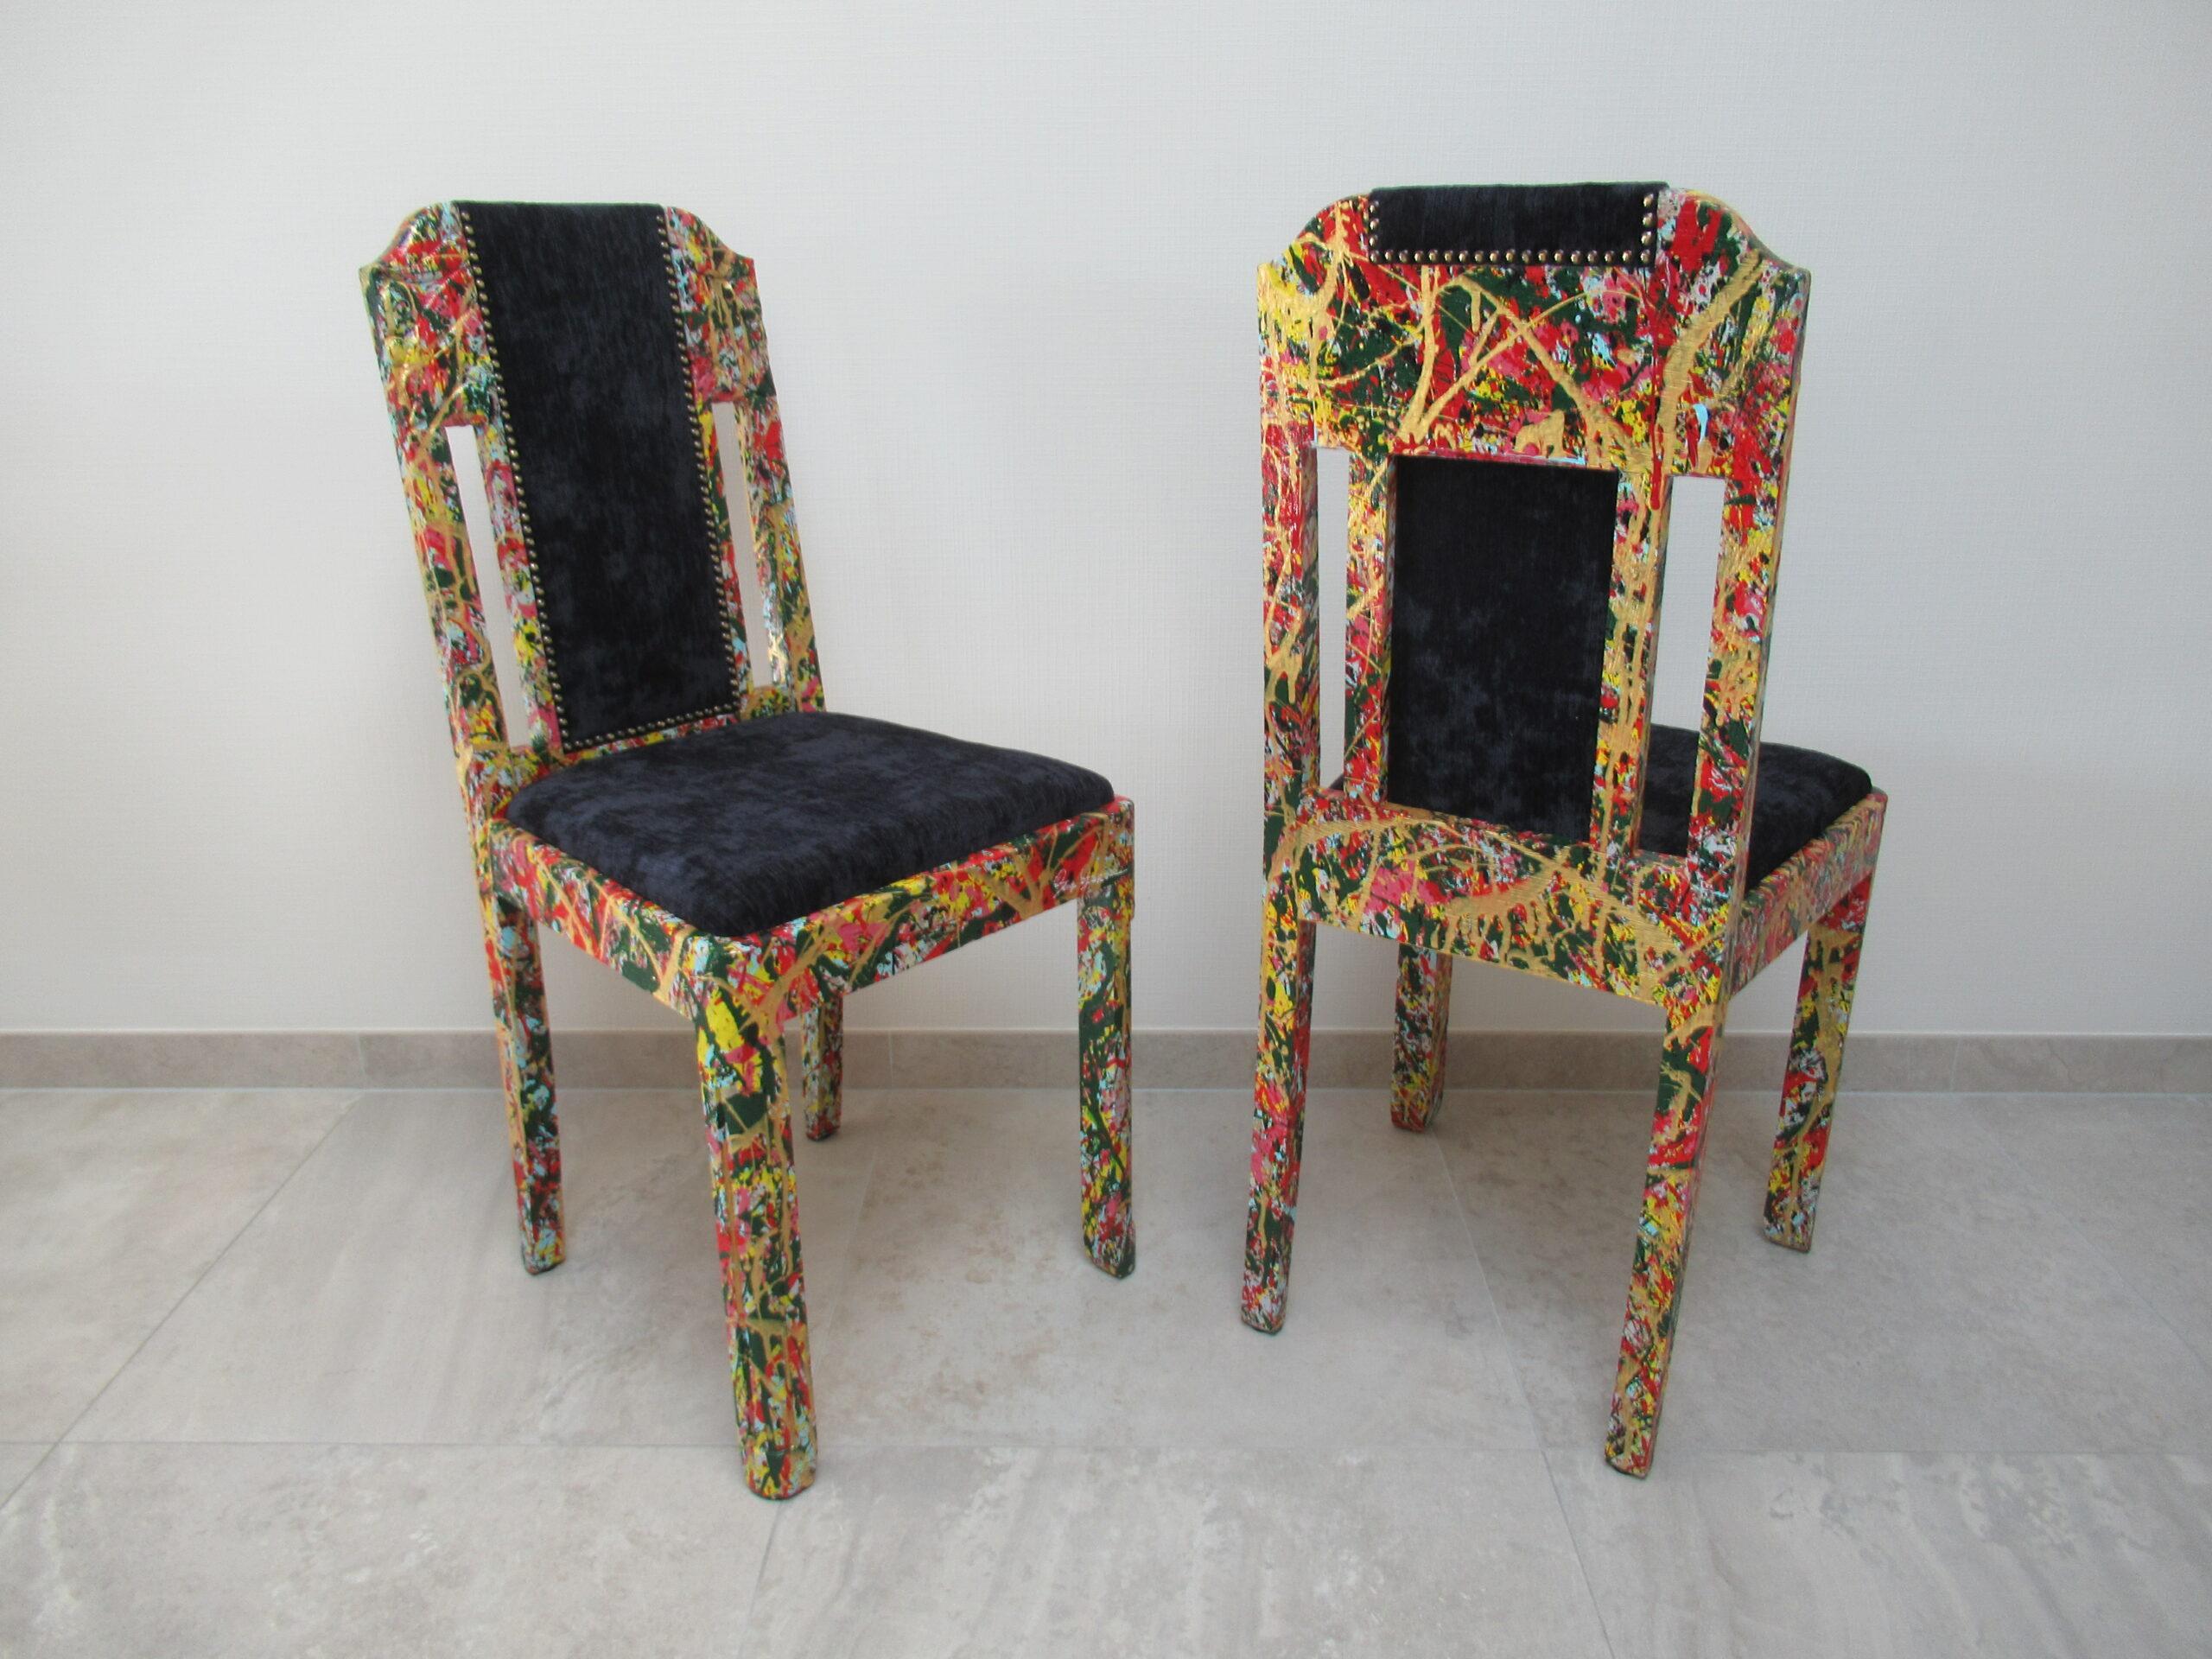 Art Chair 5